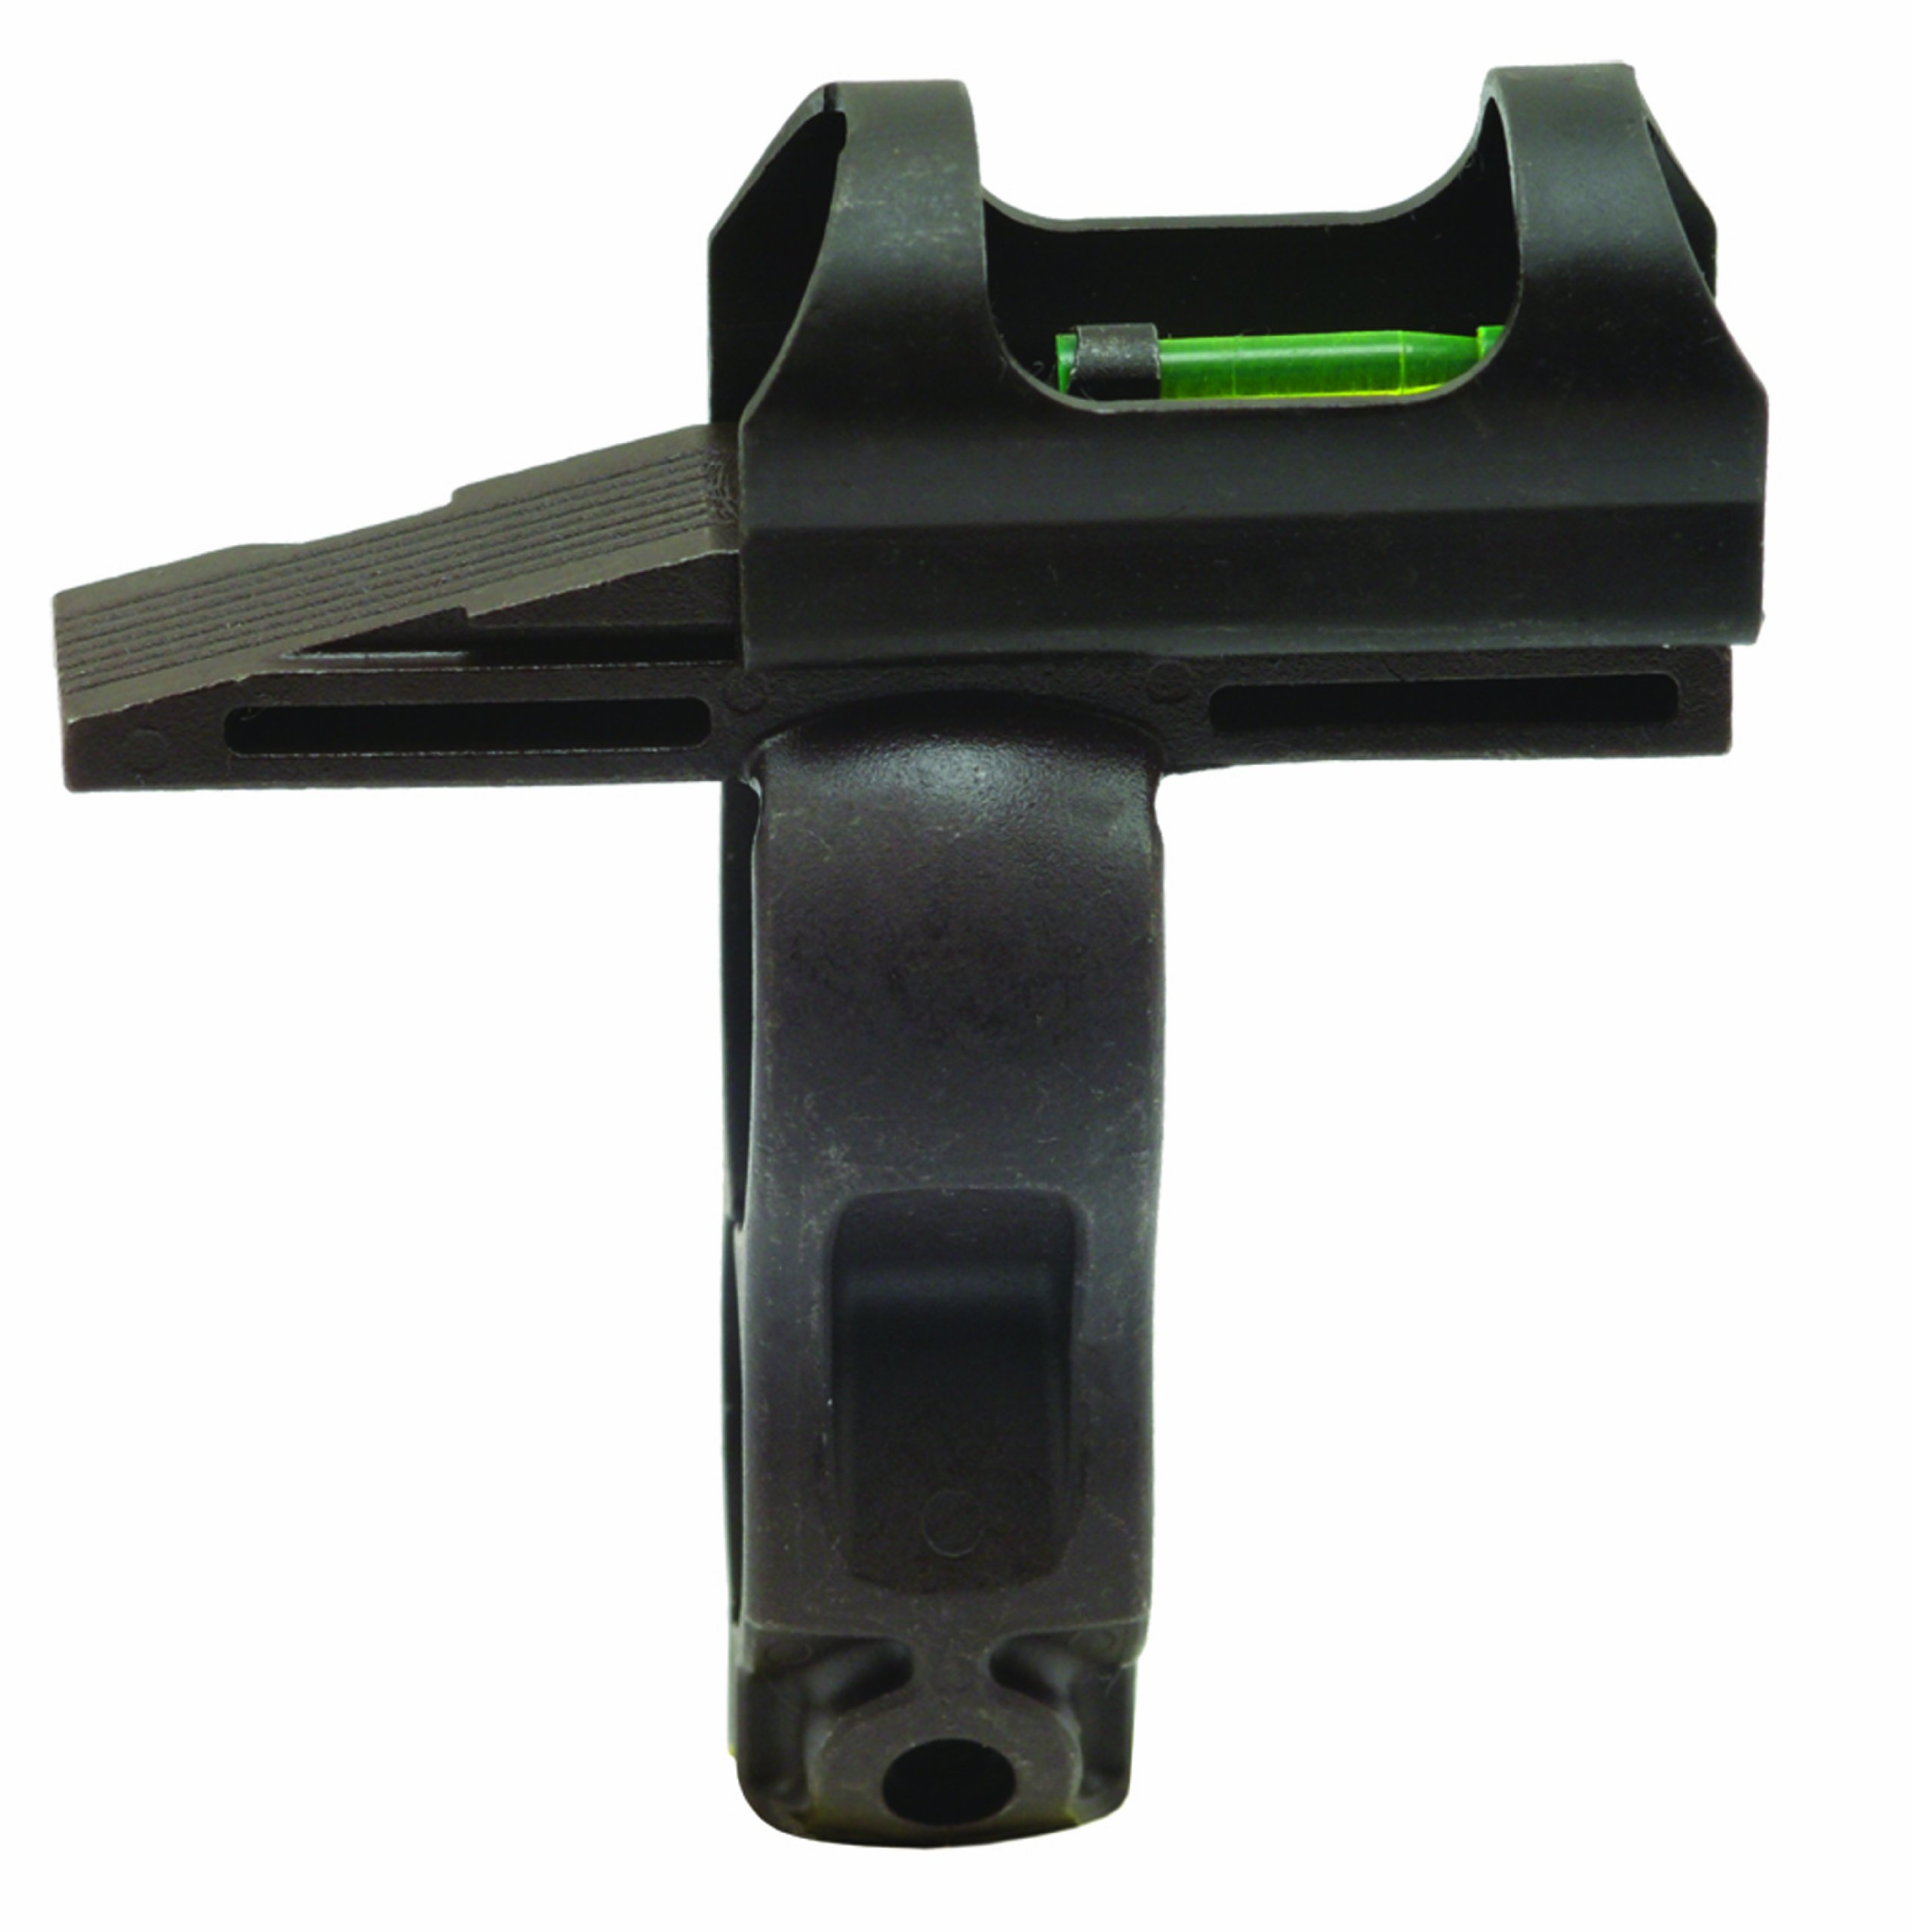 HIVIZ HHVS001 Henry Rifle Sight black, One Size